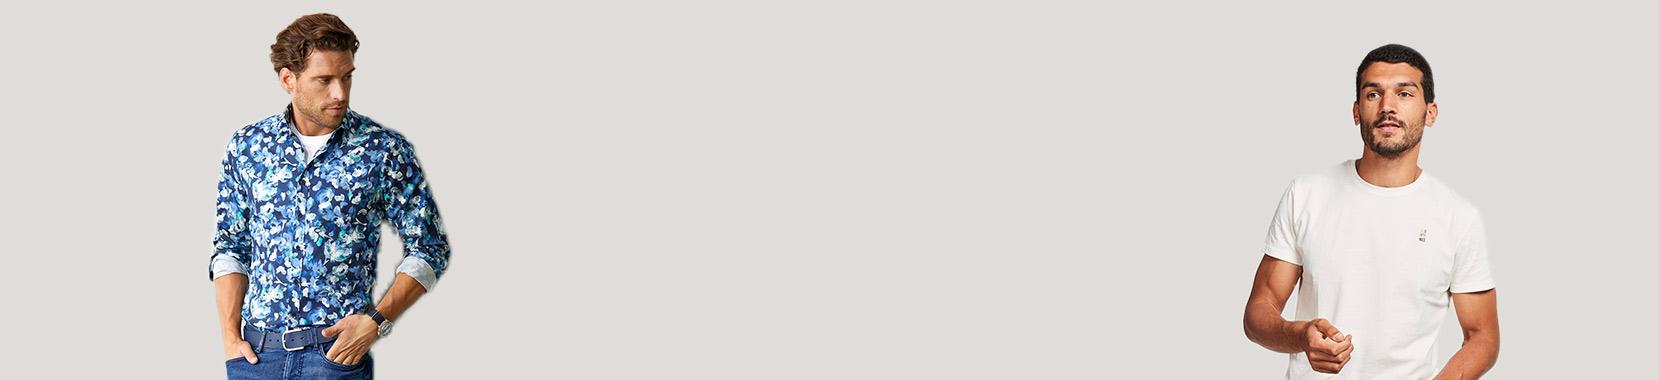 1659x380px_Marken-Trendbanner_